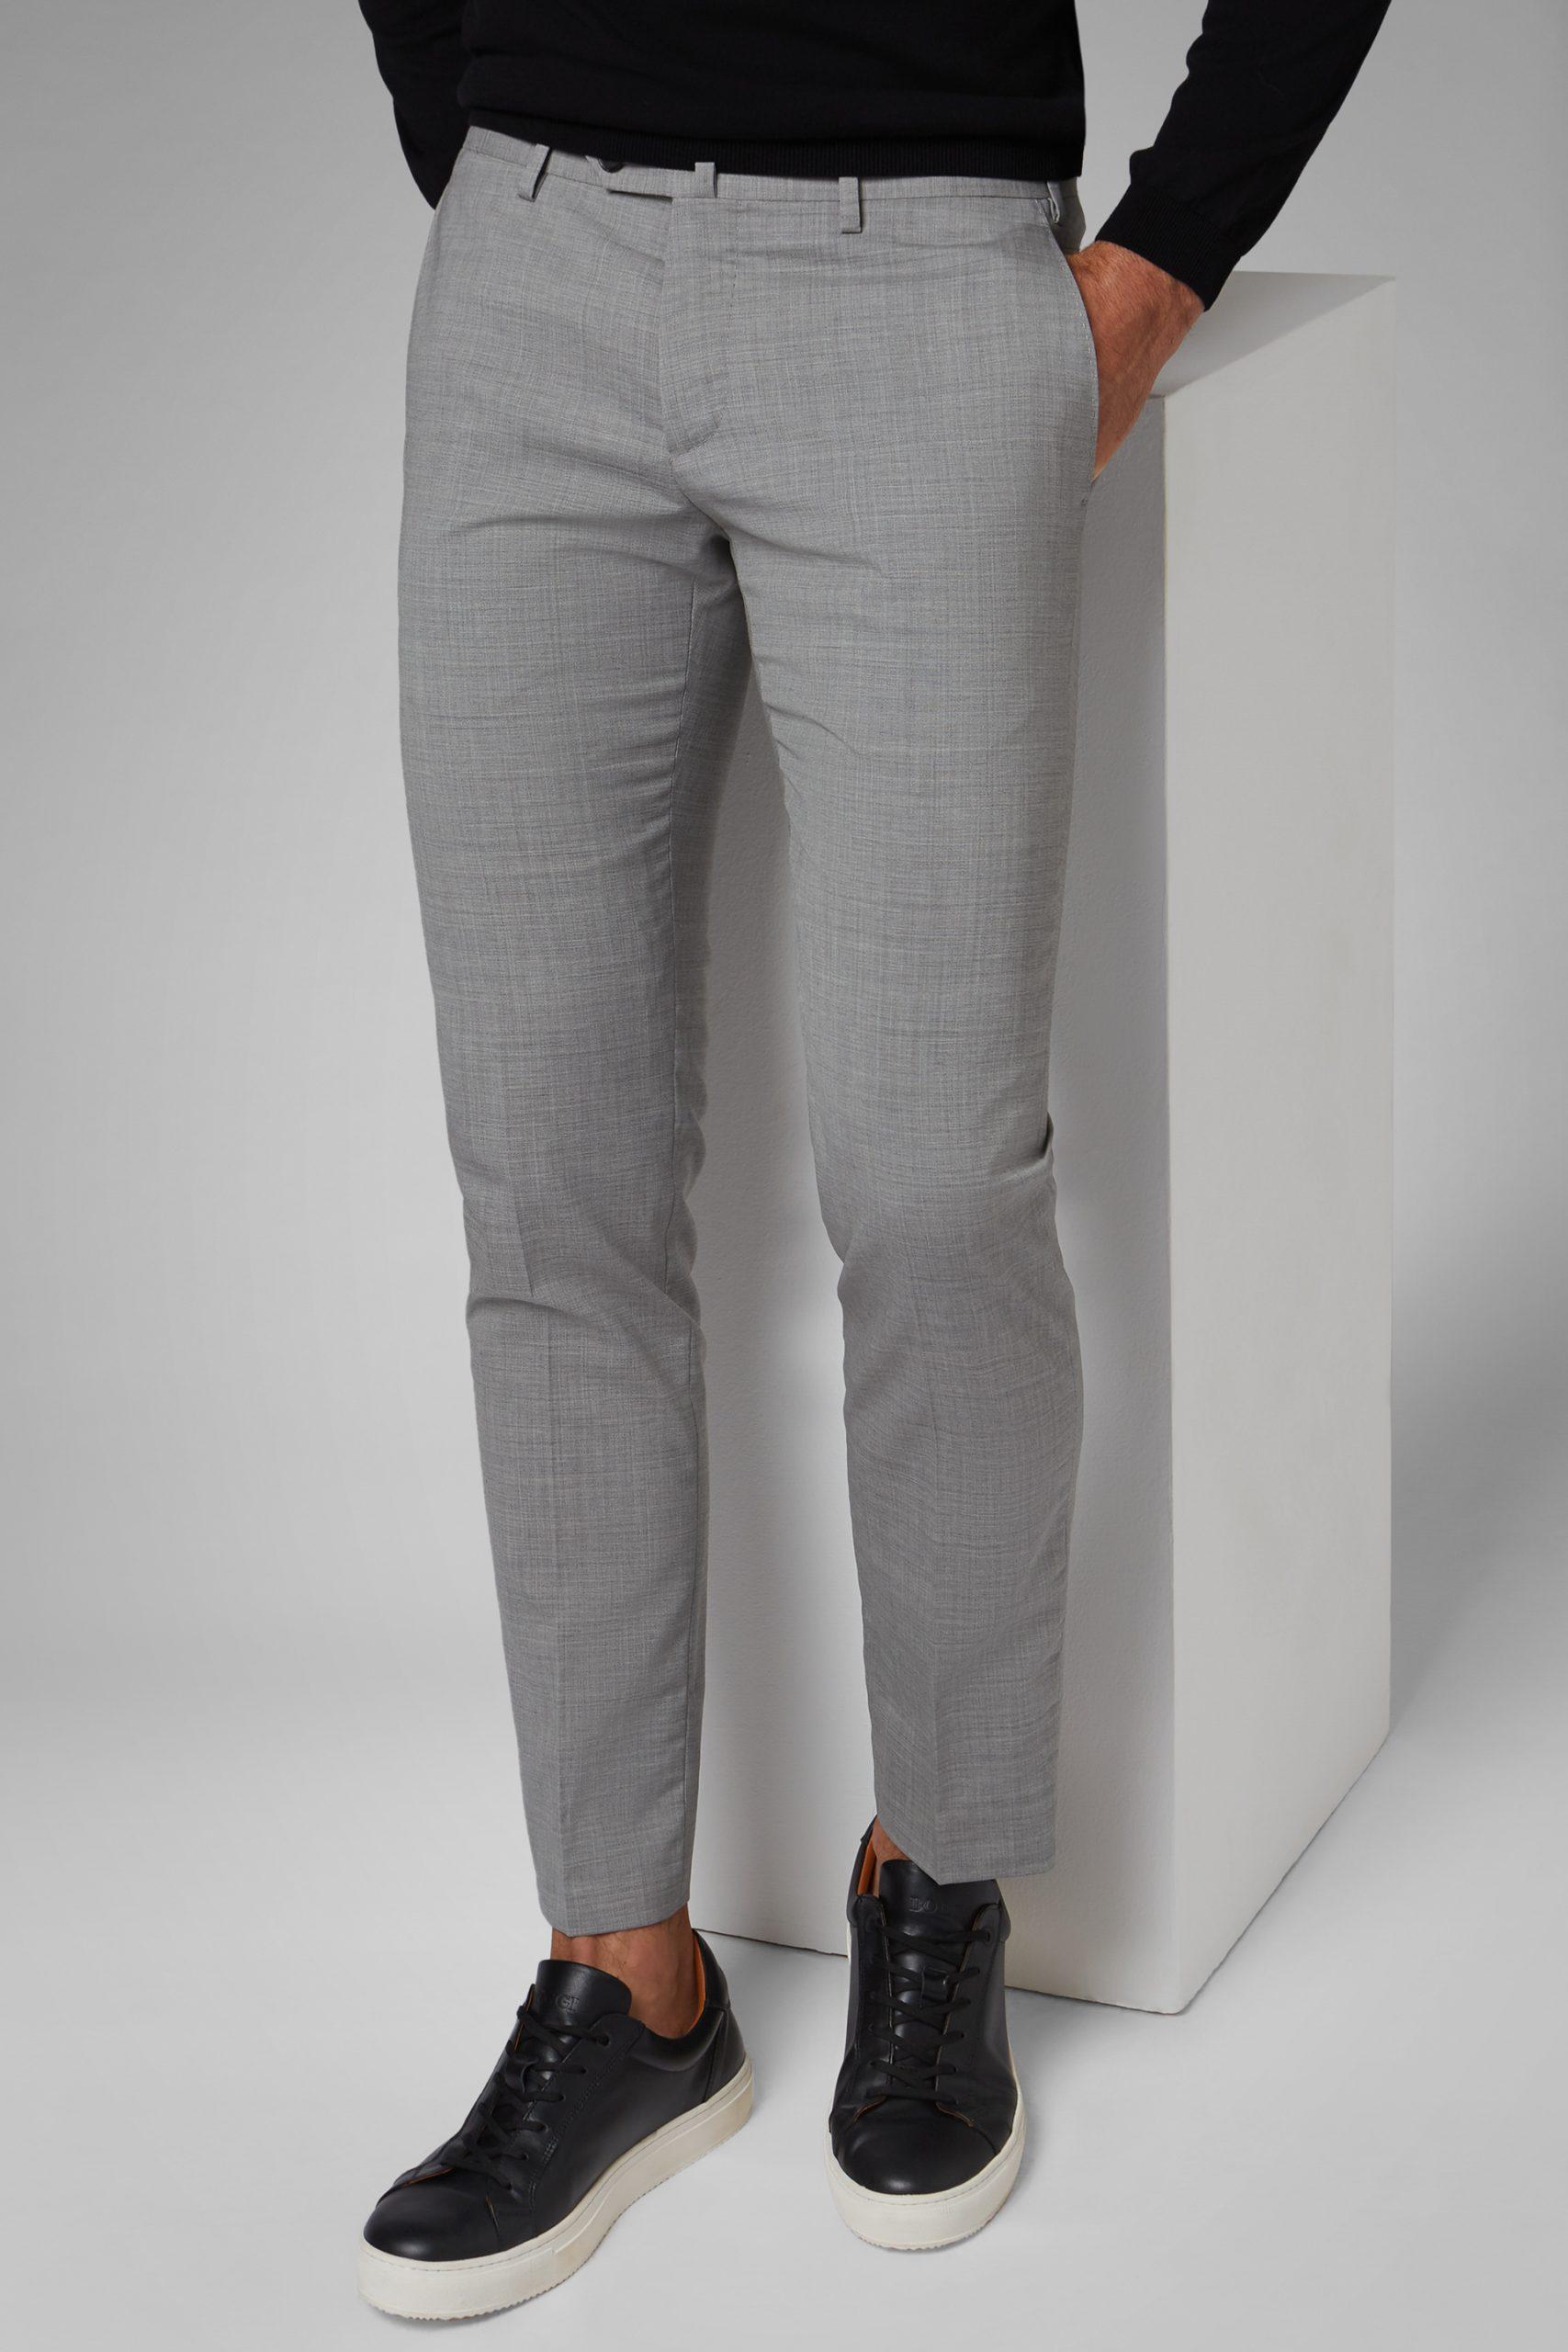 Pantaloni da uomo in colore Grigio chiaro in materiale